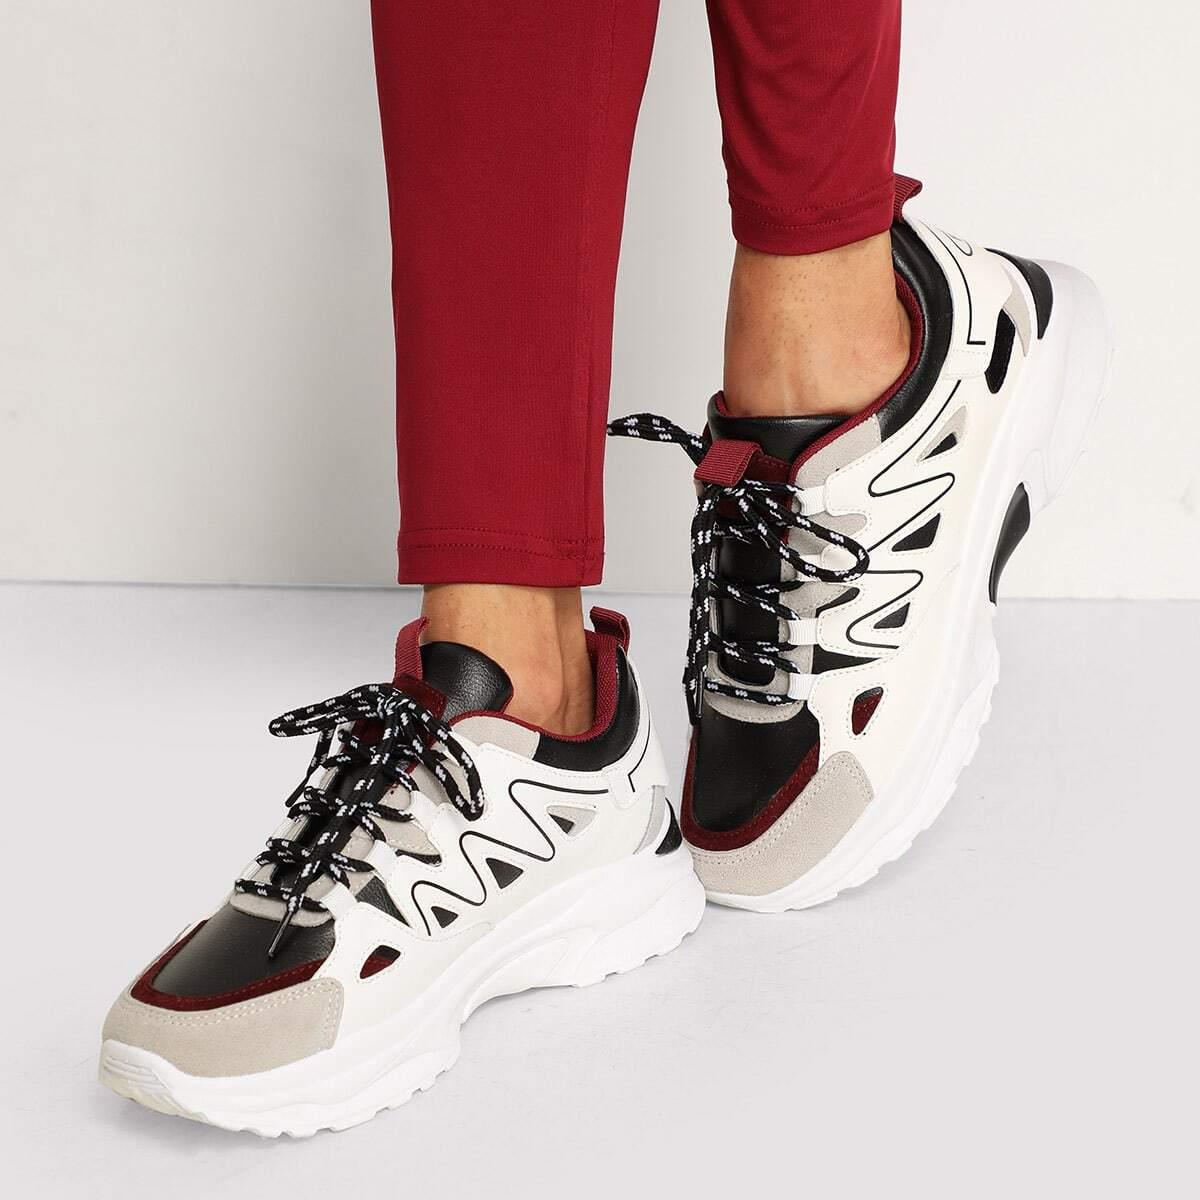 Vetzachte stevige sneakers